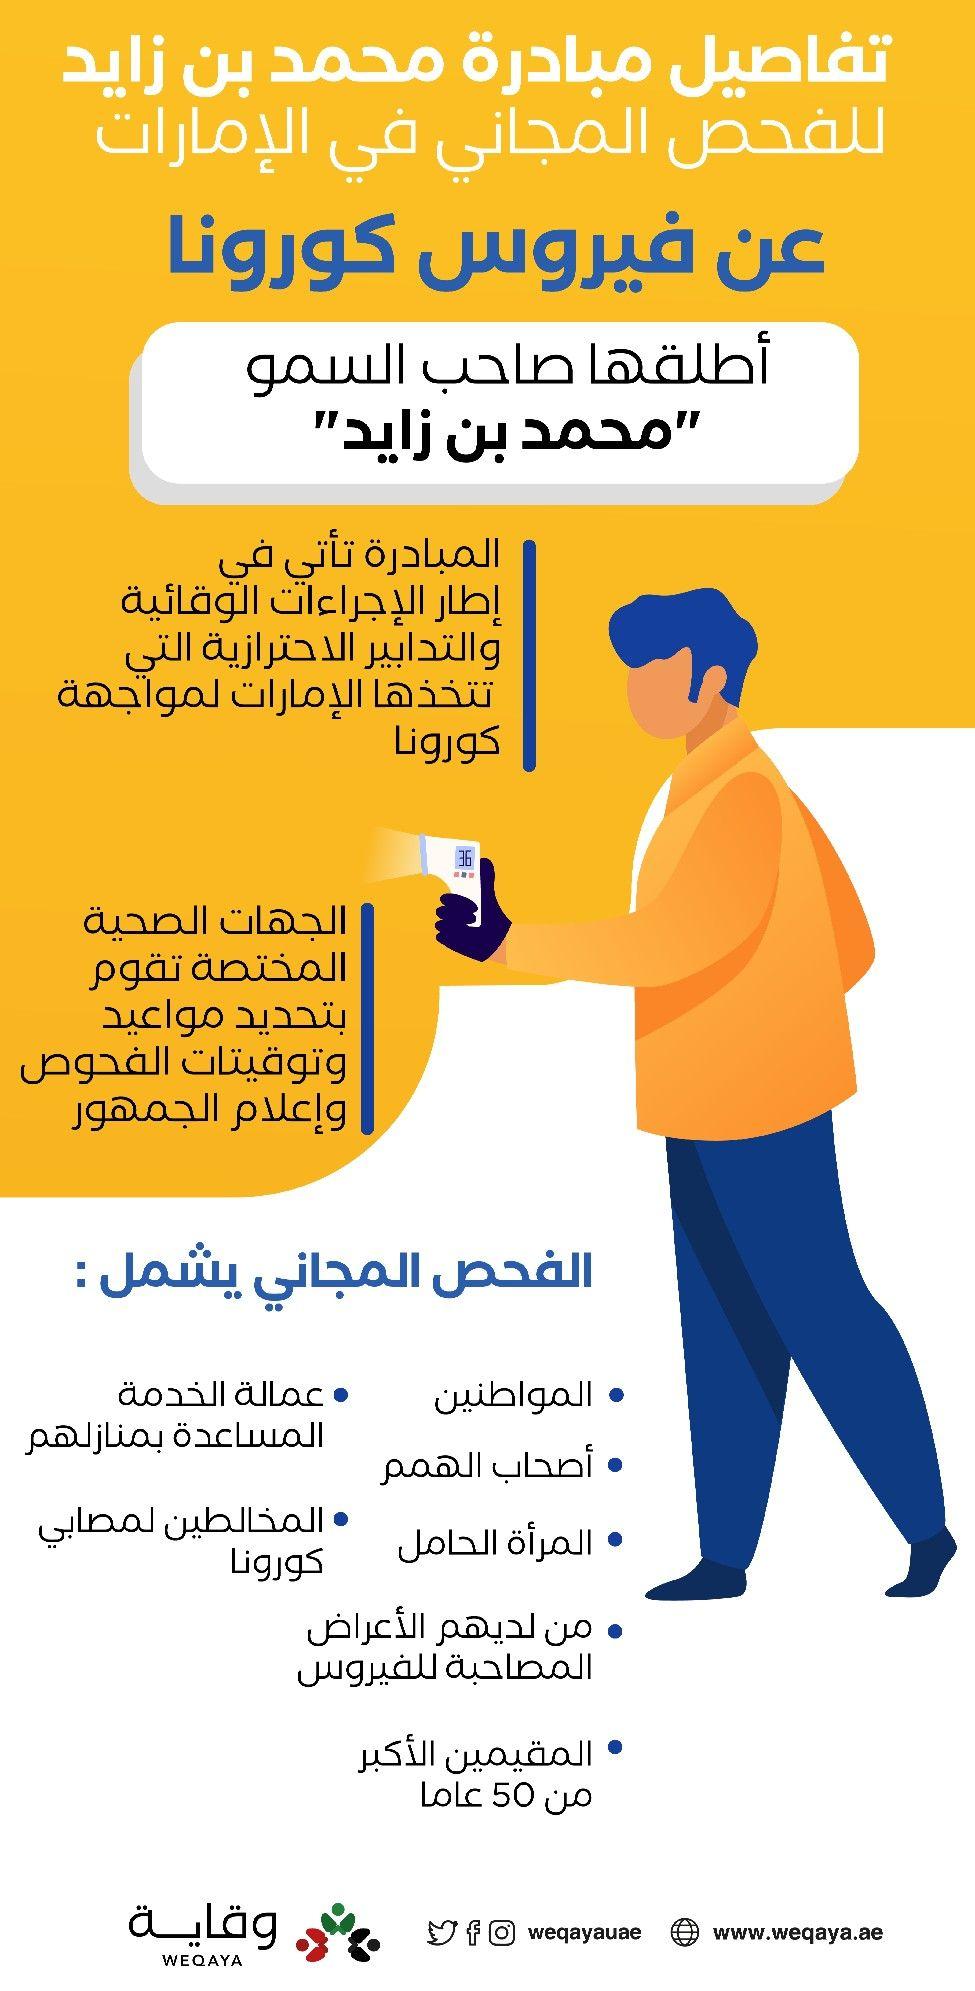 تفاصيل مبادرة محمد بن زايد للفحص المجاني في الإمارات Ill